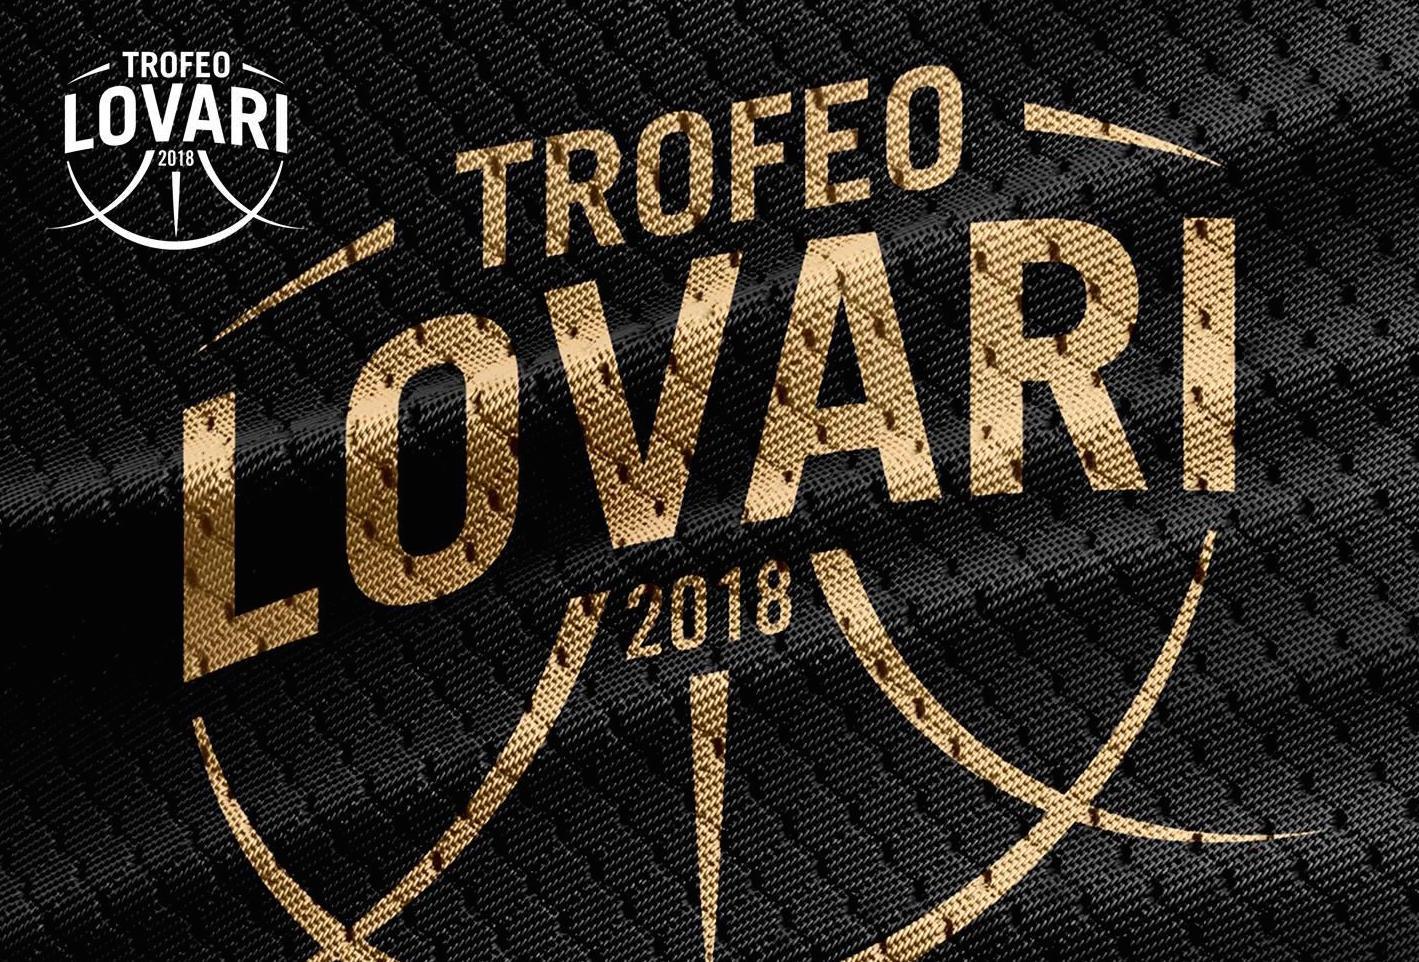 Trofeo Lovari: biglietto scontato con Murabilia